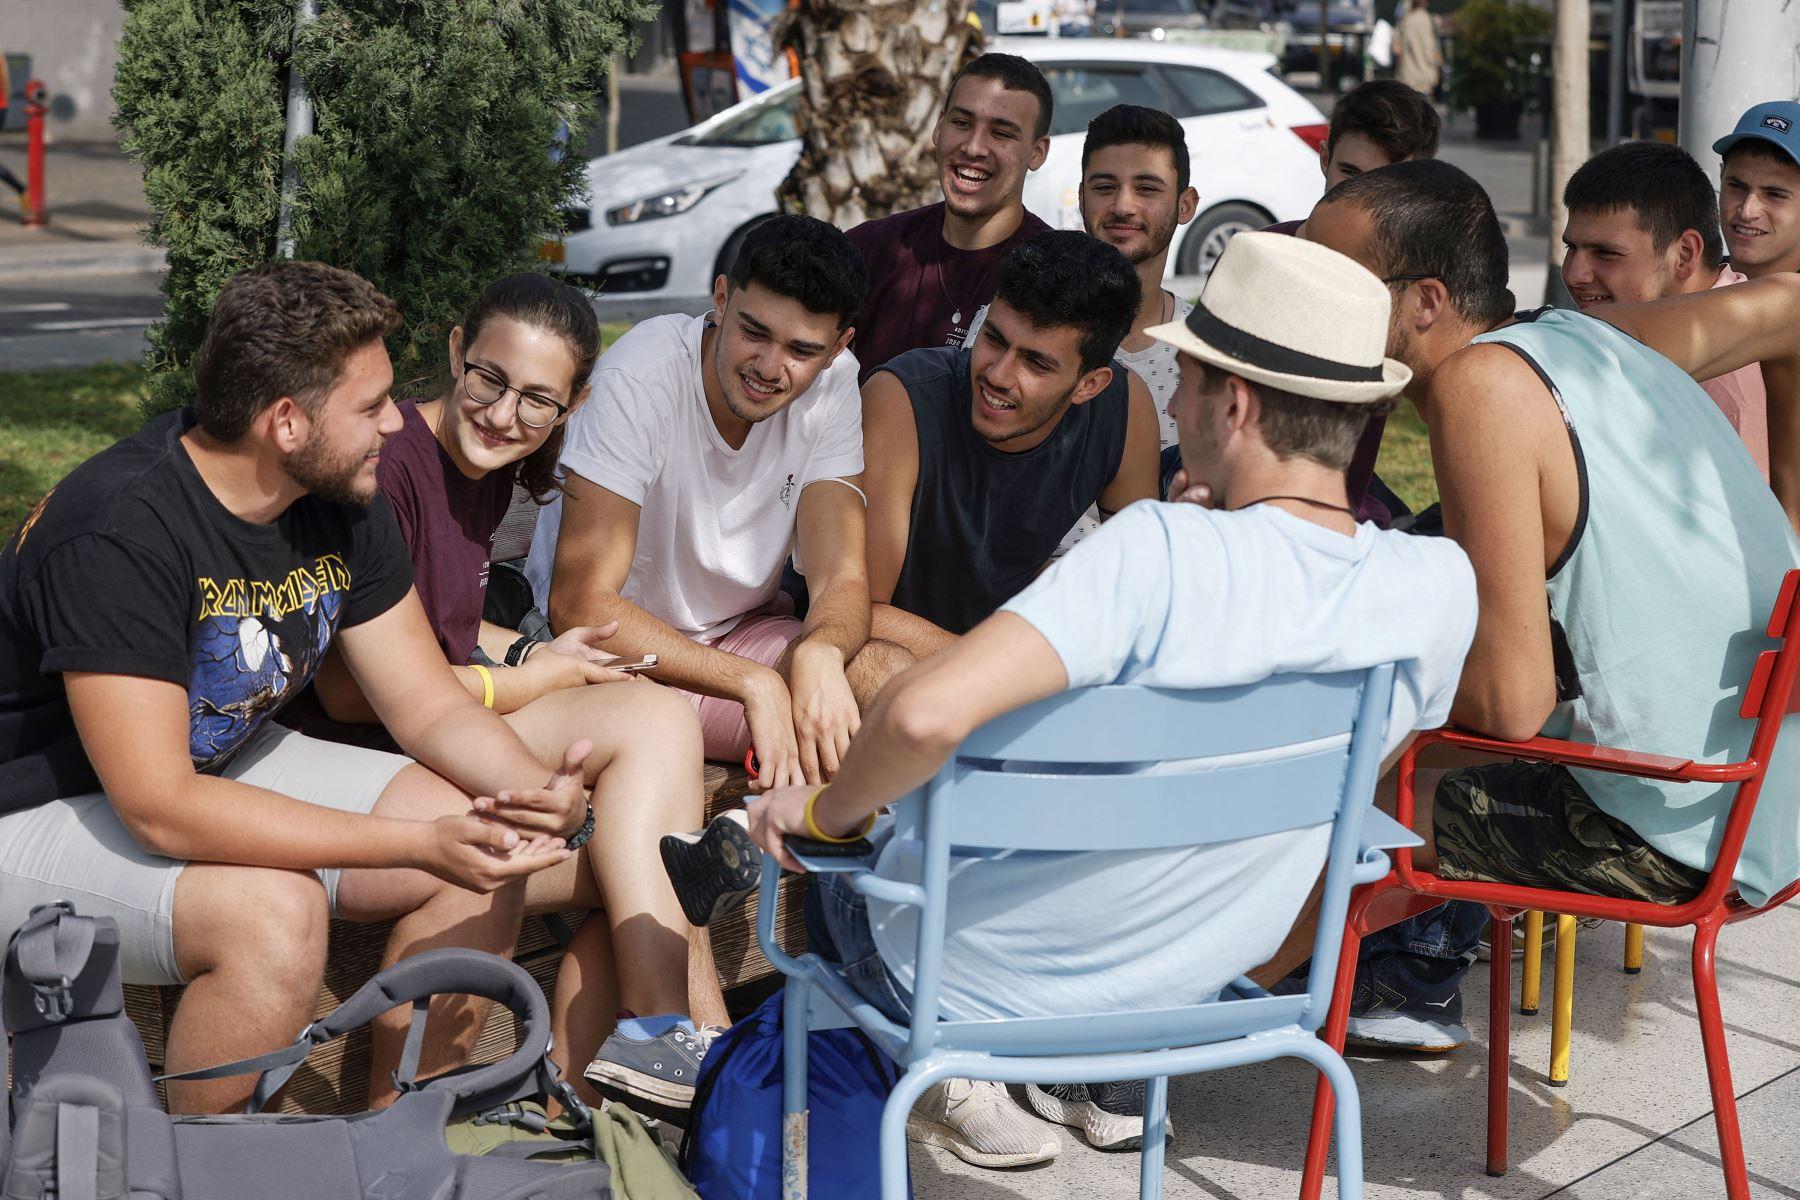 os israelíes, aliviados, salen a la calle sin mascarilla anticovid - Foto: EFE